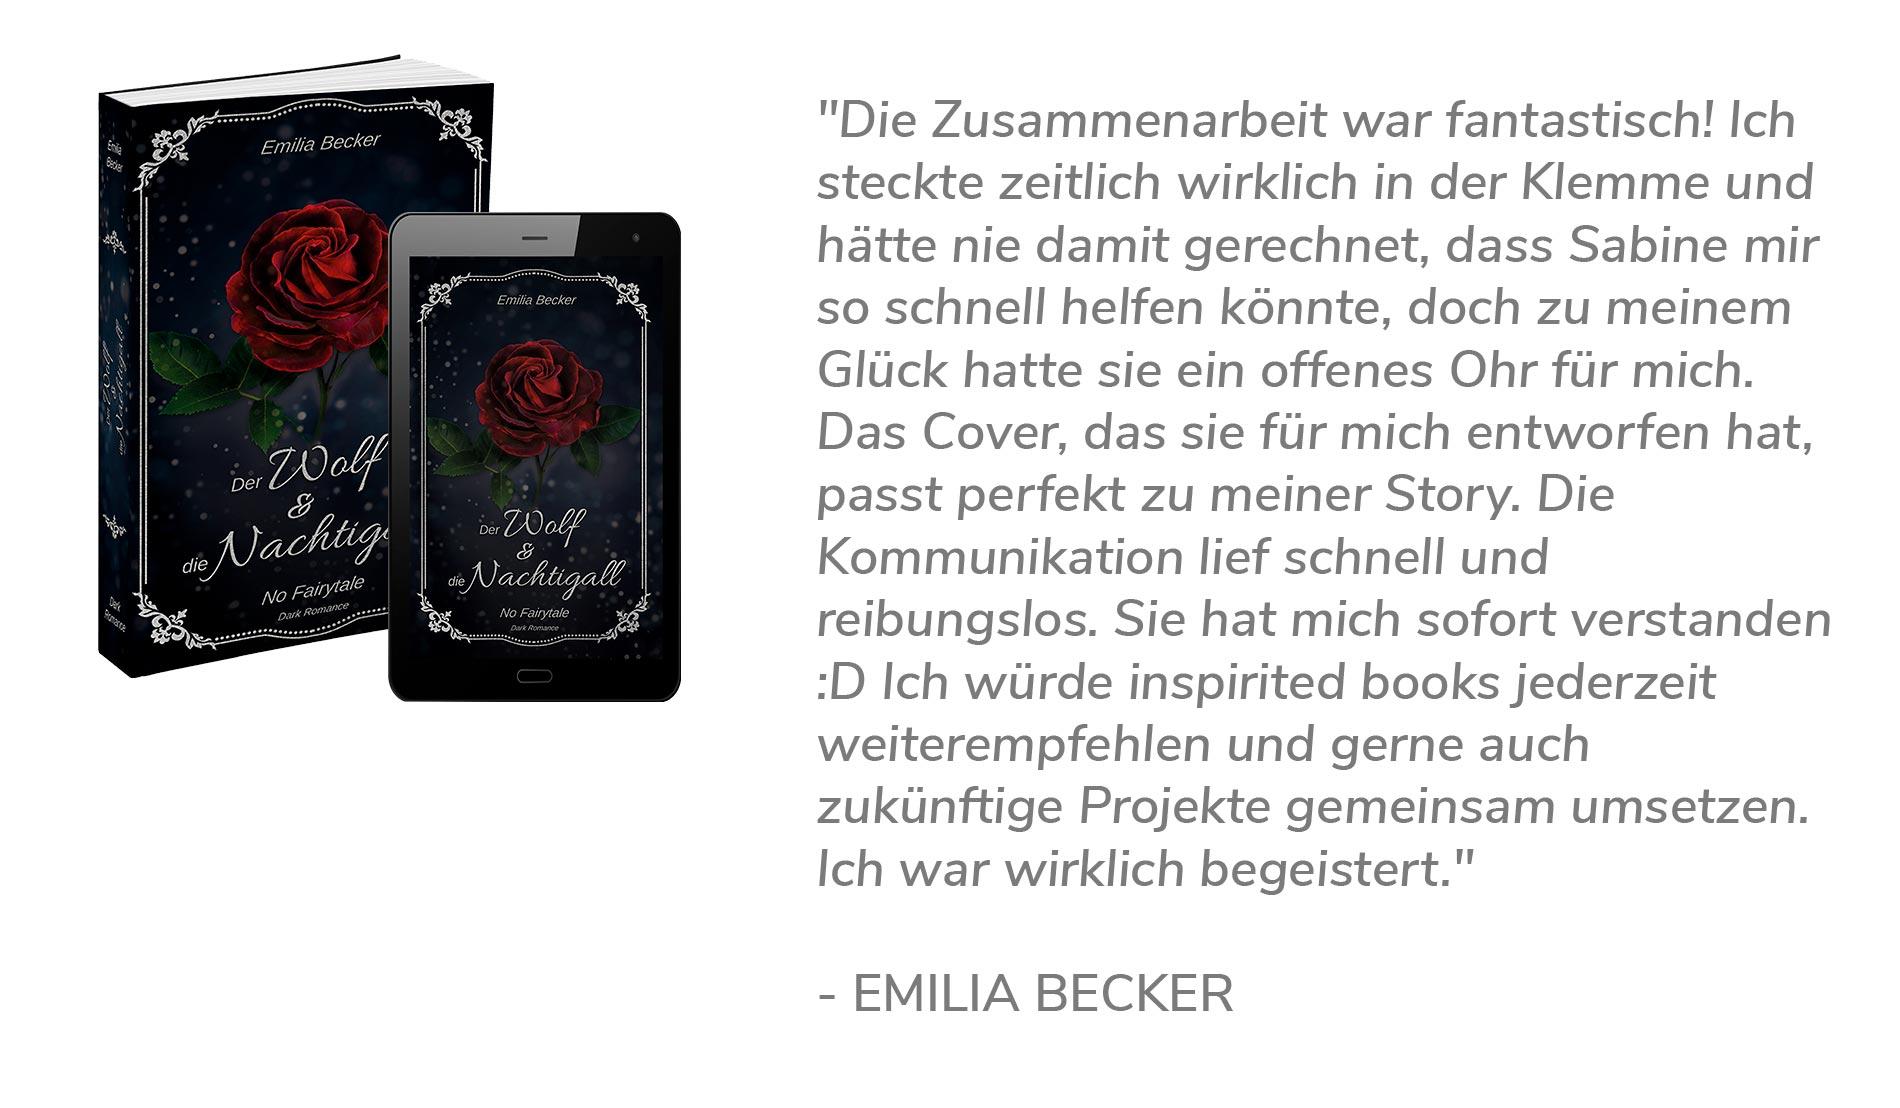 emilia-becker